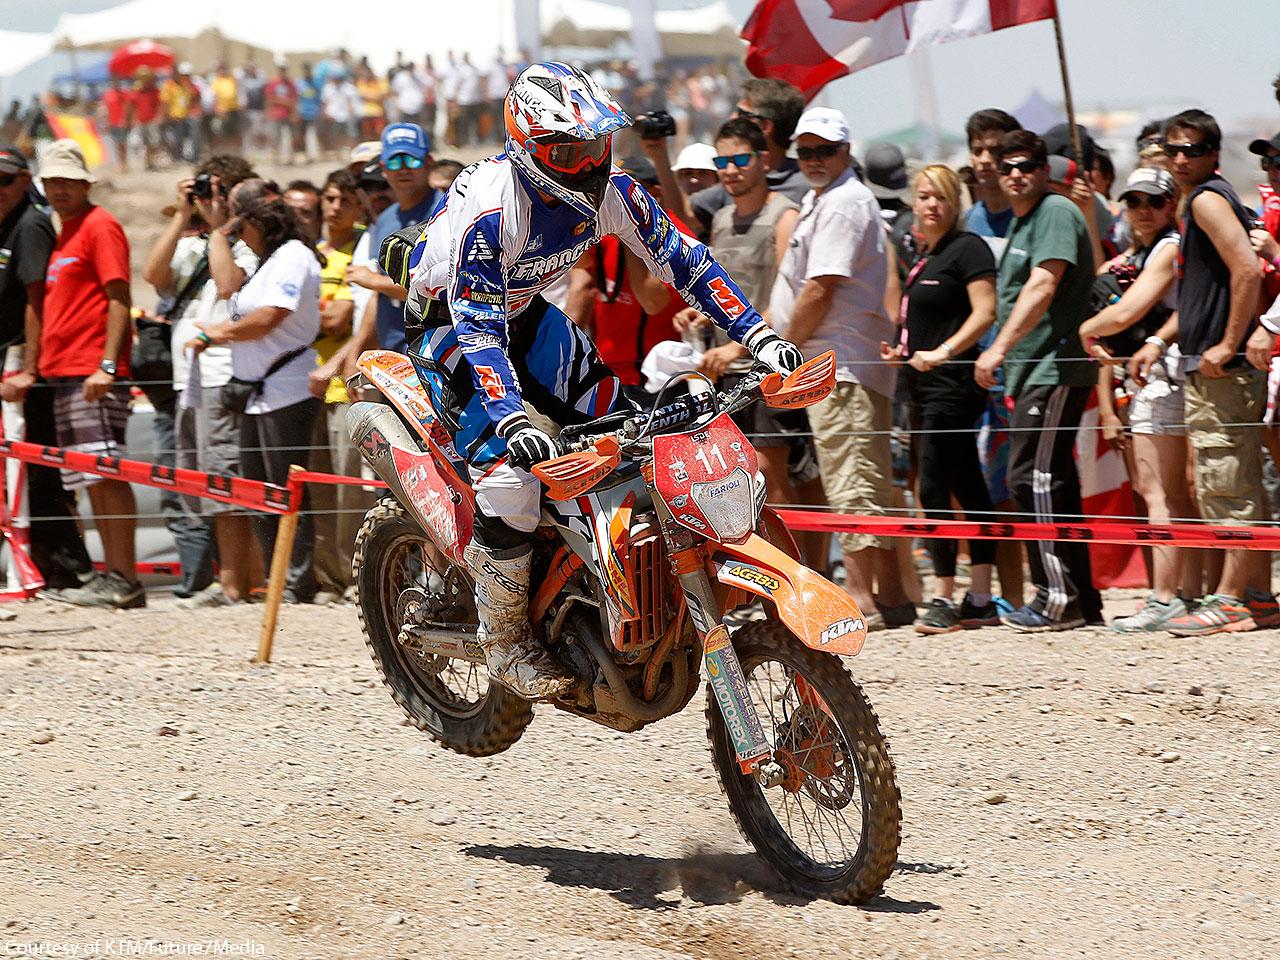 出典:http://www.motorcycle-usa.com/photo-gallery/2014-isde-argentina/